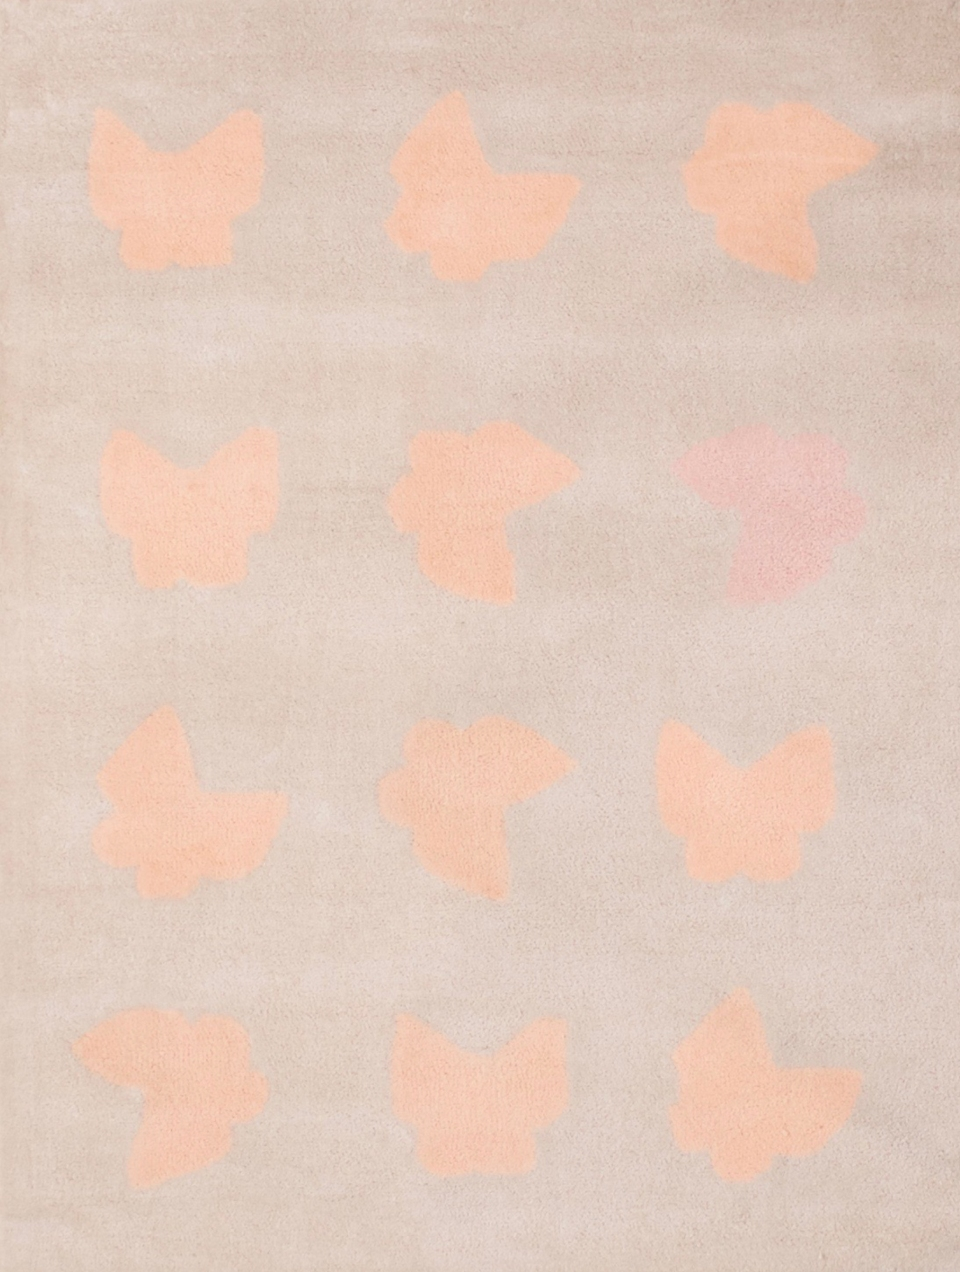 <p>Koberec s motýlky. Velikost 170*130cm. 100% měkký akryl.</p>